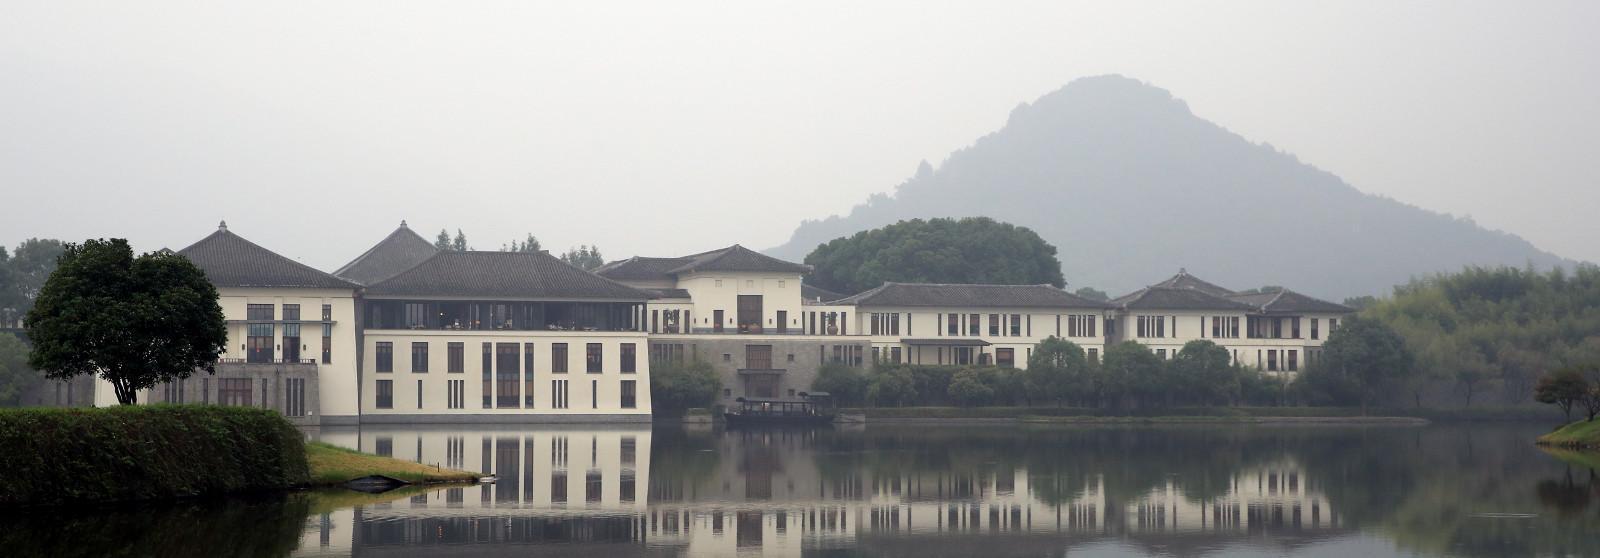 富春山居度假村(Fuchun Resort Hangzhou)【 杭州,中国】 酒店  www.lhw.cn